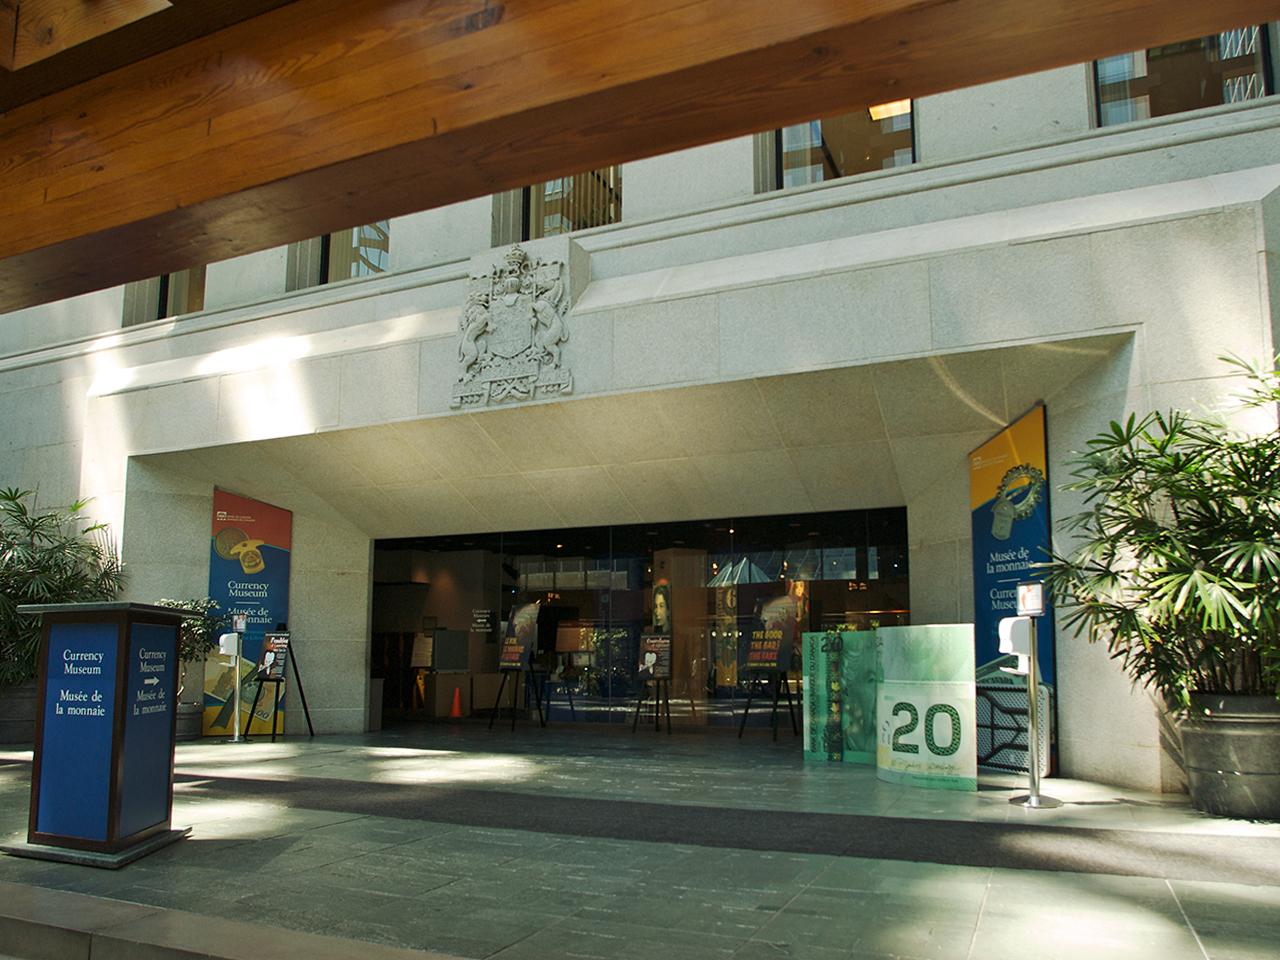 entrée de musée dans un bâtiment de pierre